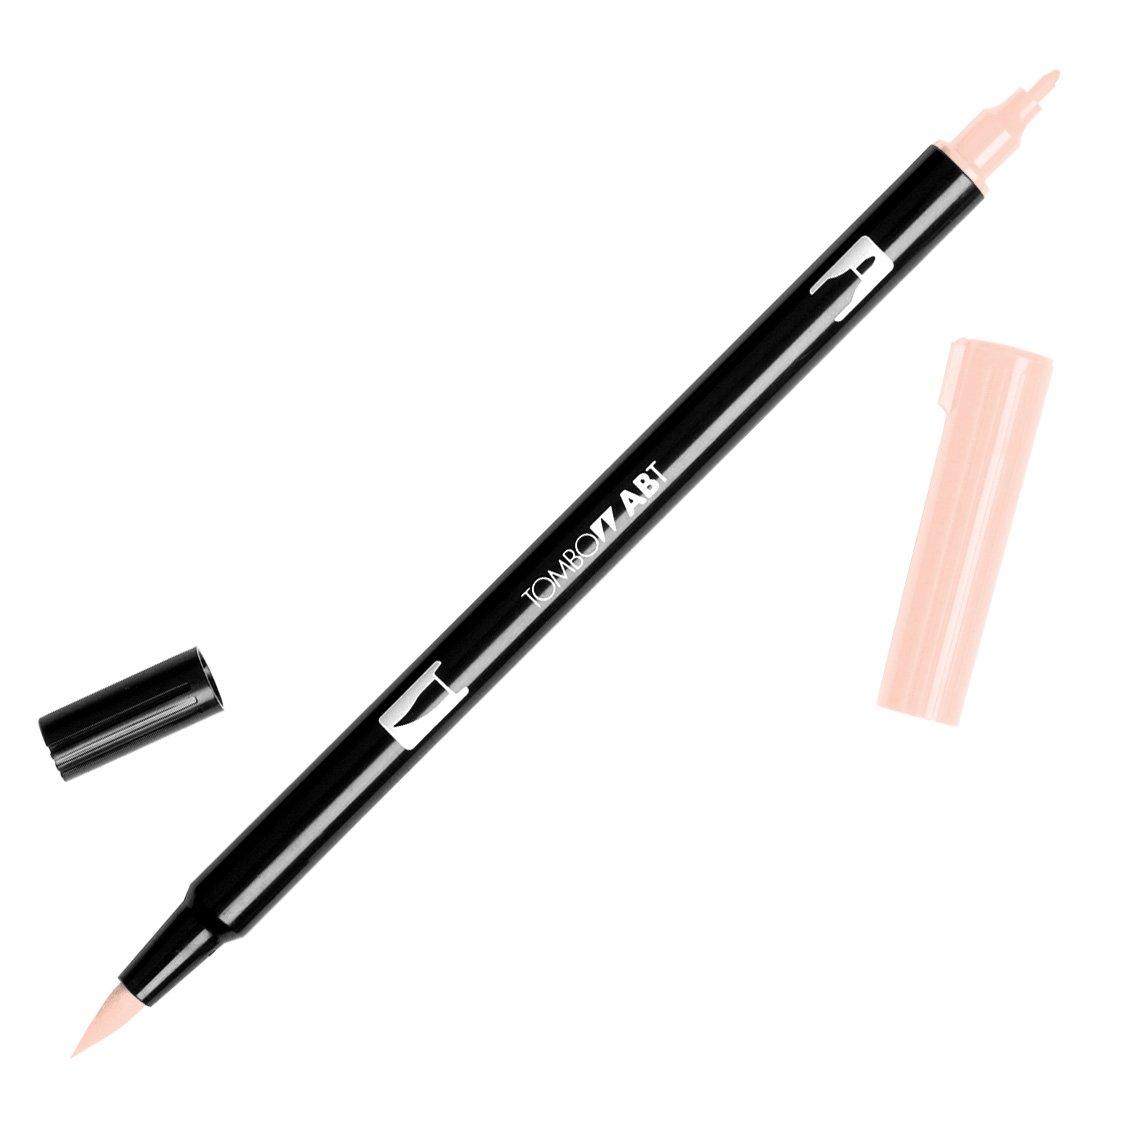 Tombow 56598 Dual Brush Pen Art Marker, 850 - Flesh, 1-Pack.